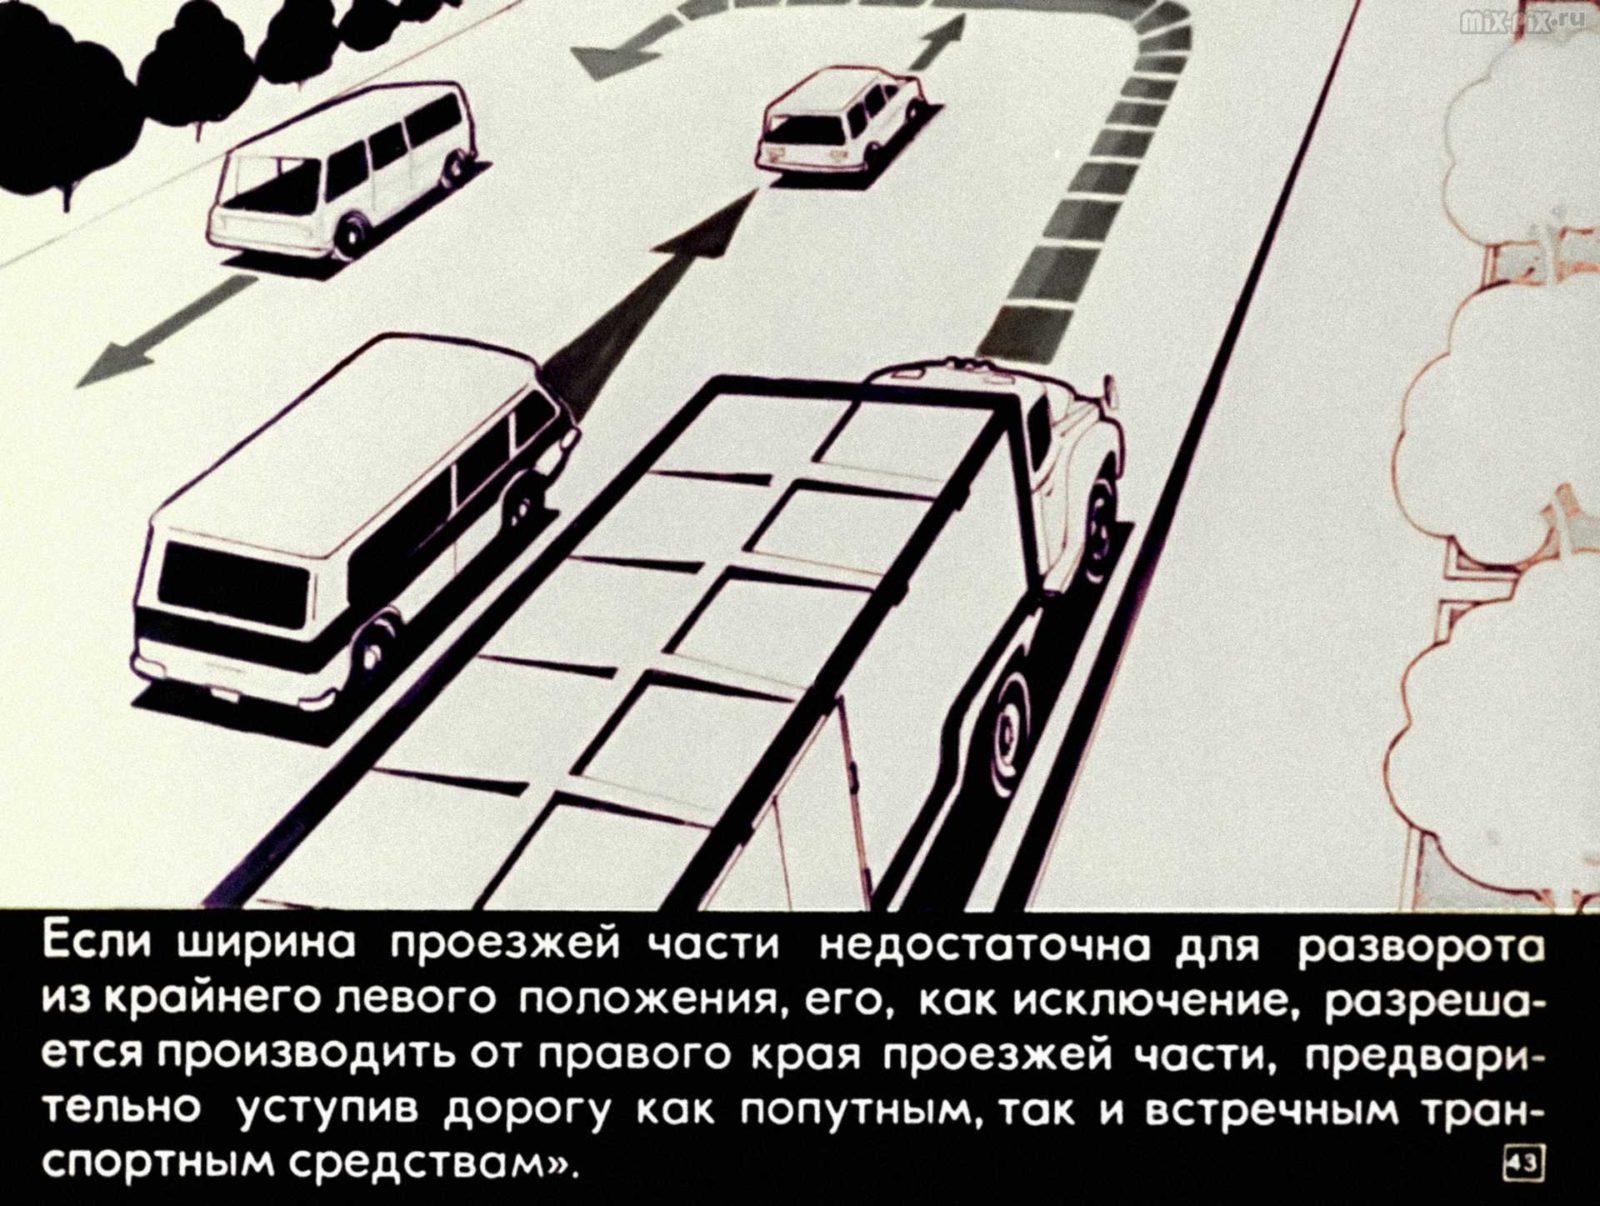 Правила дорожного движения. Расположение транспортных средств на проезжей части. Начало движения. Маневрирование (1983) 52